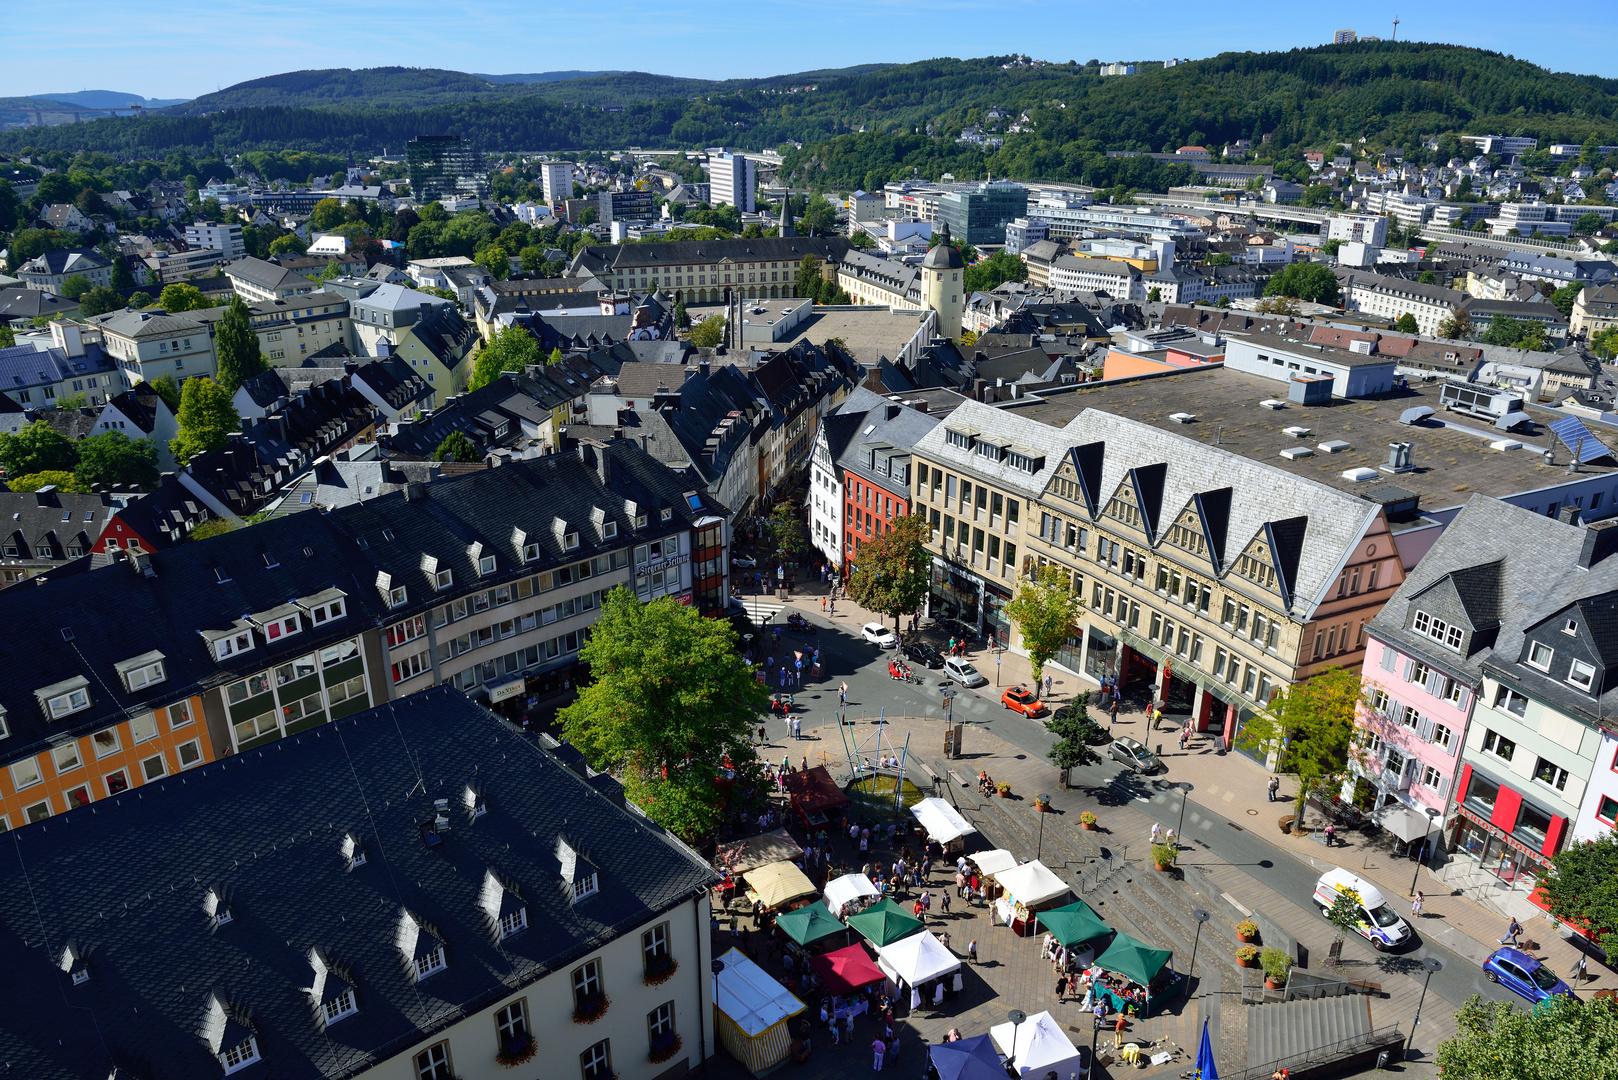 Siegen blick auf den markt foto bild architektur stadtlandschaft historisches bilder auf - Architektur siegen ...